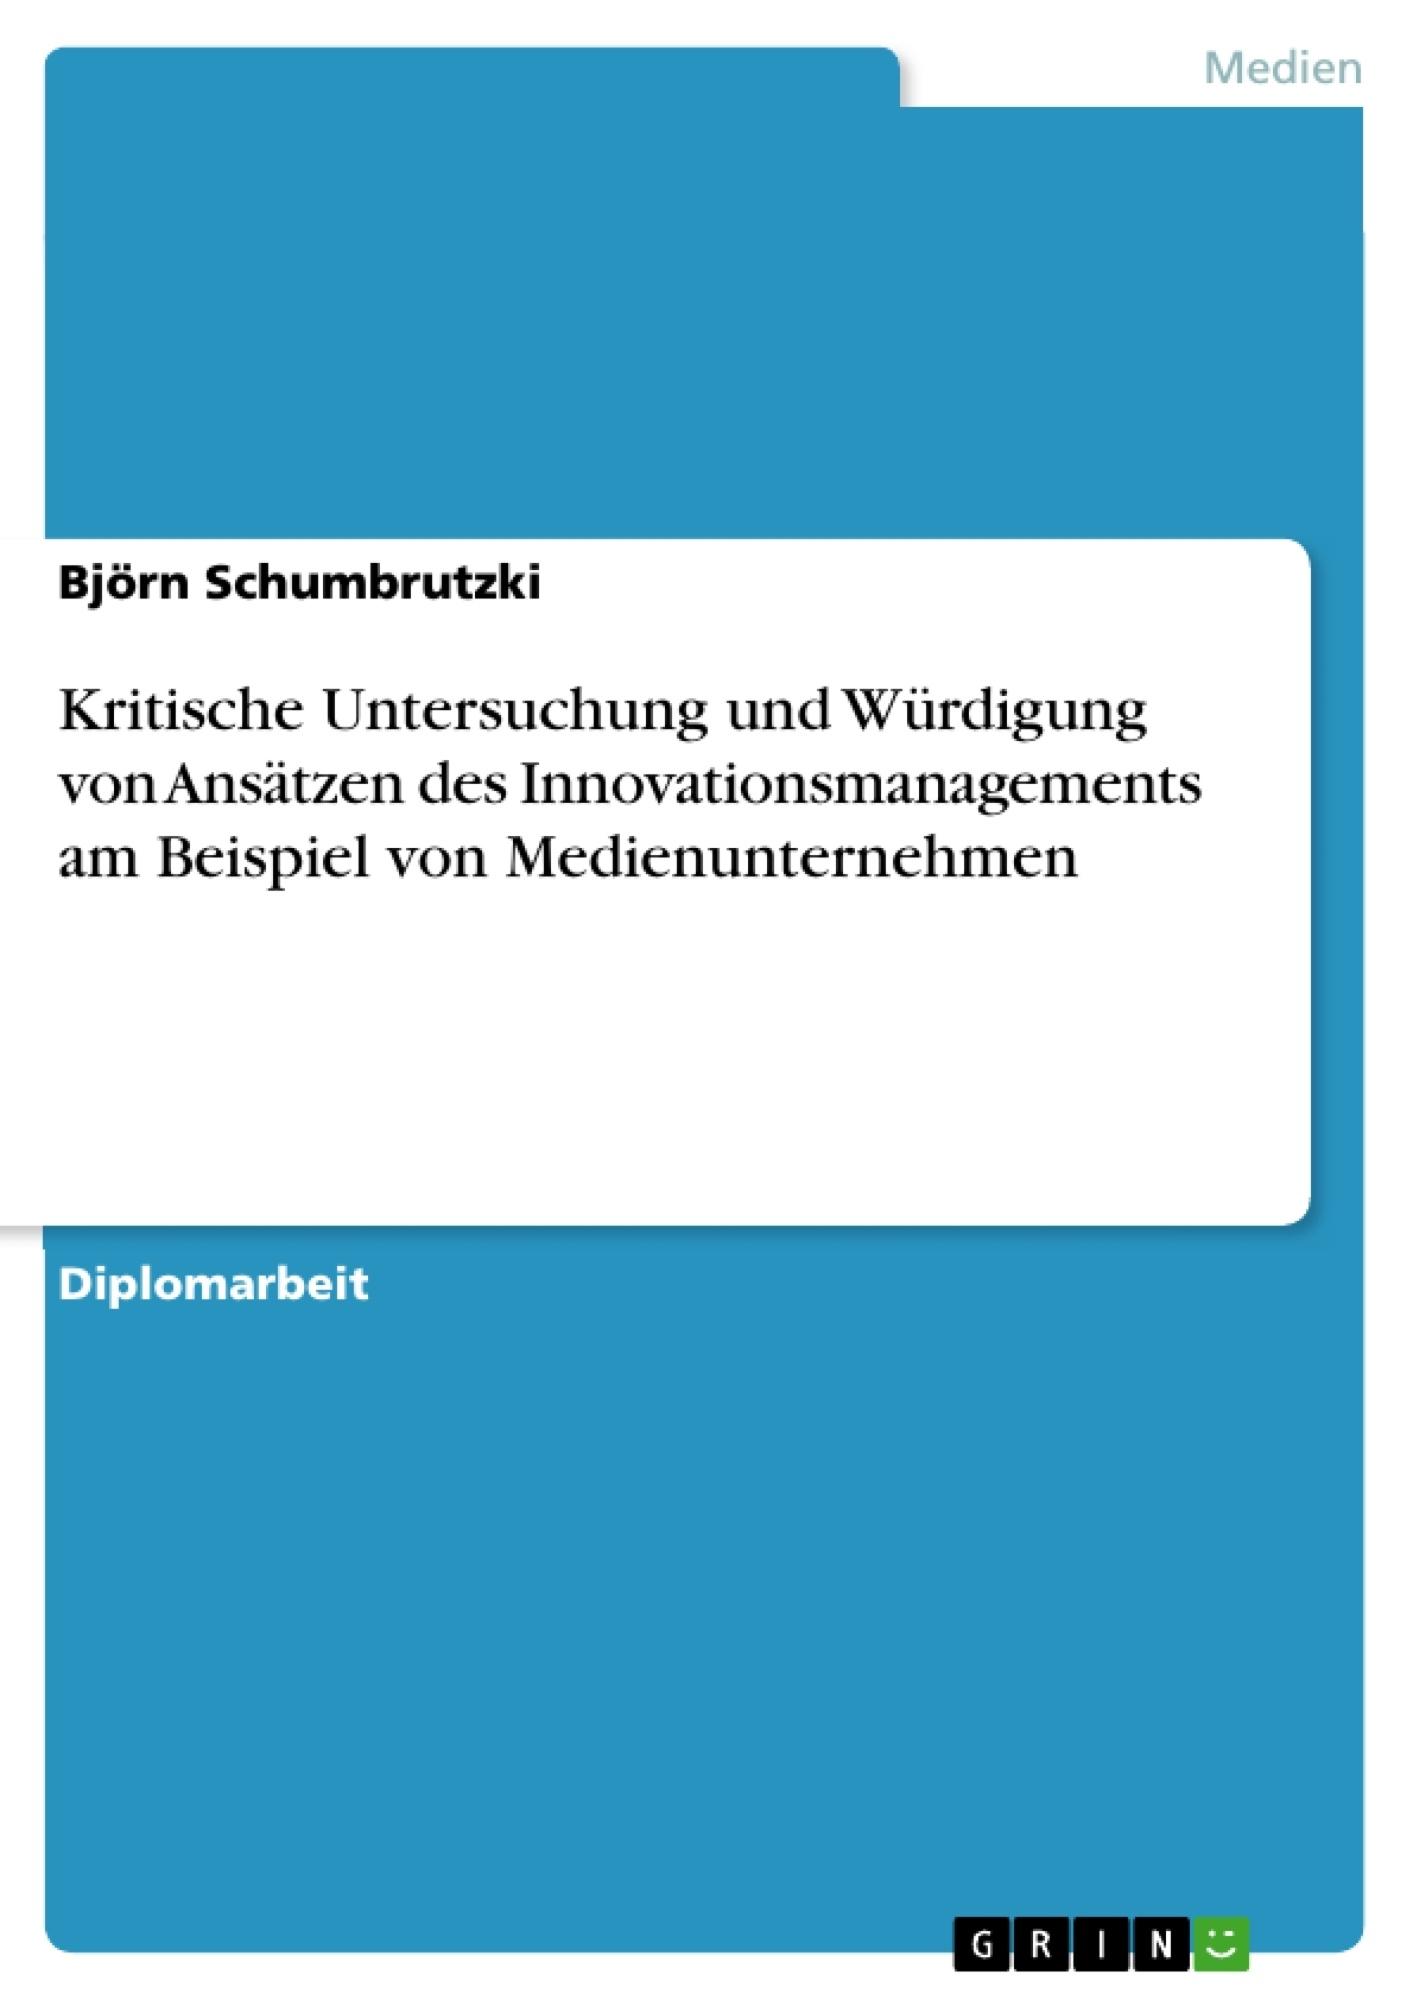 Titel: Kritische Untersuchung und Würdigung von Ansätzen des Innovationsmanagements am Beispiel von Medienunternehmen